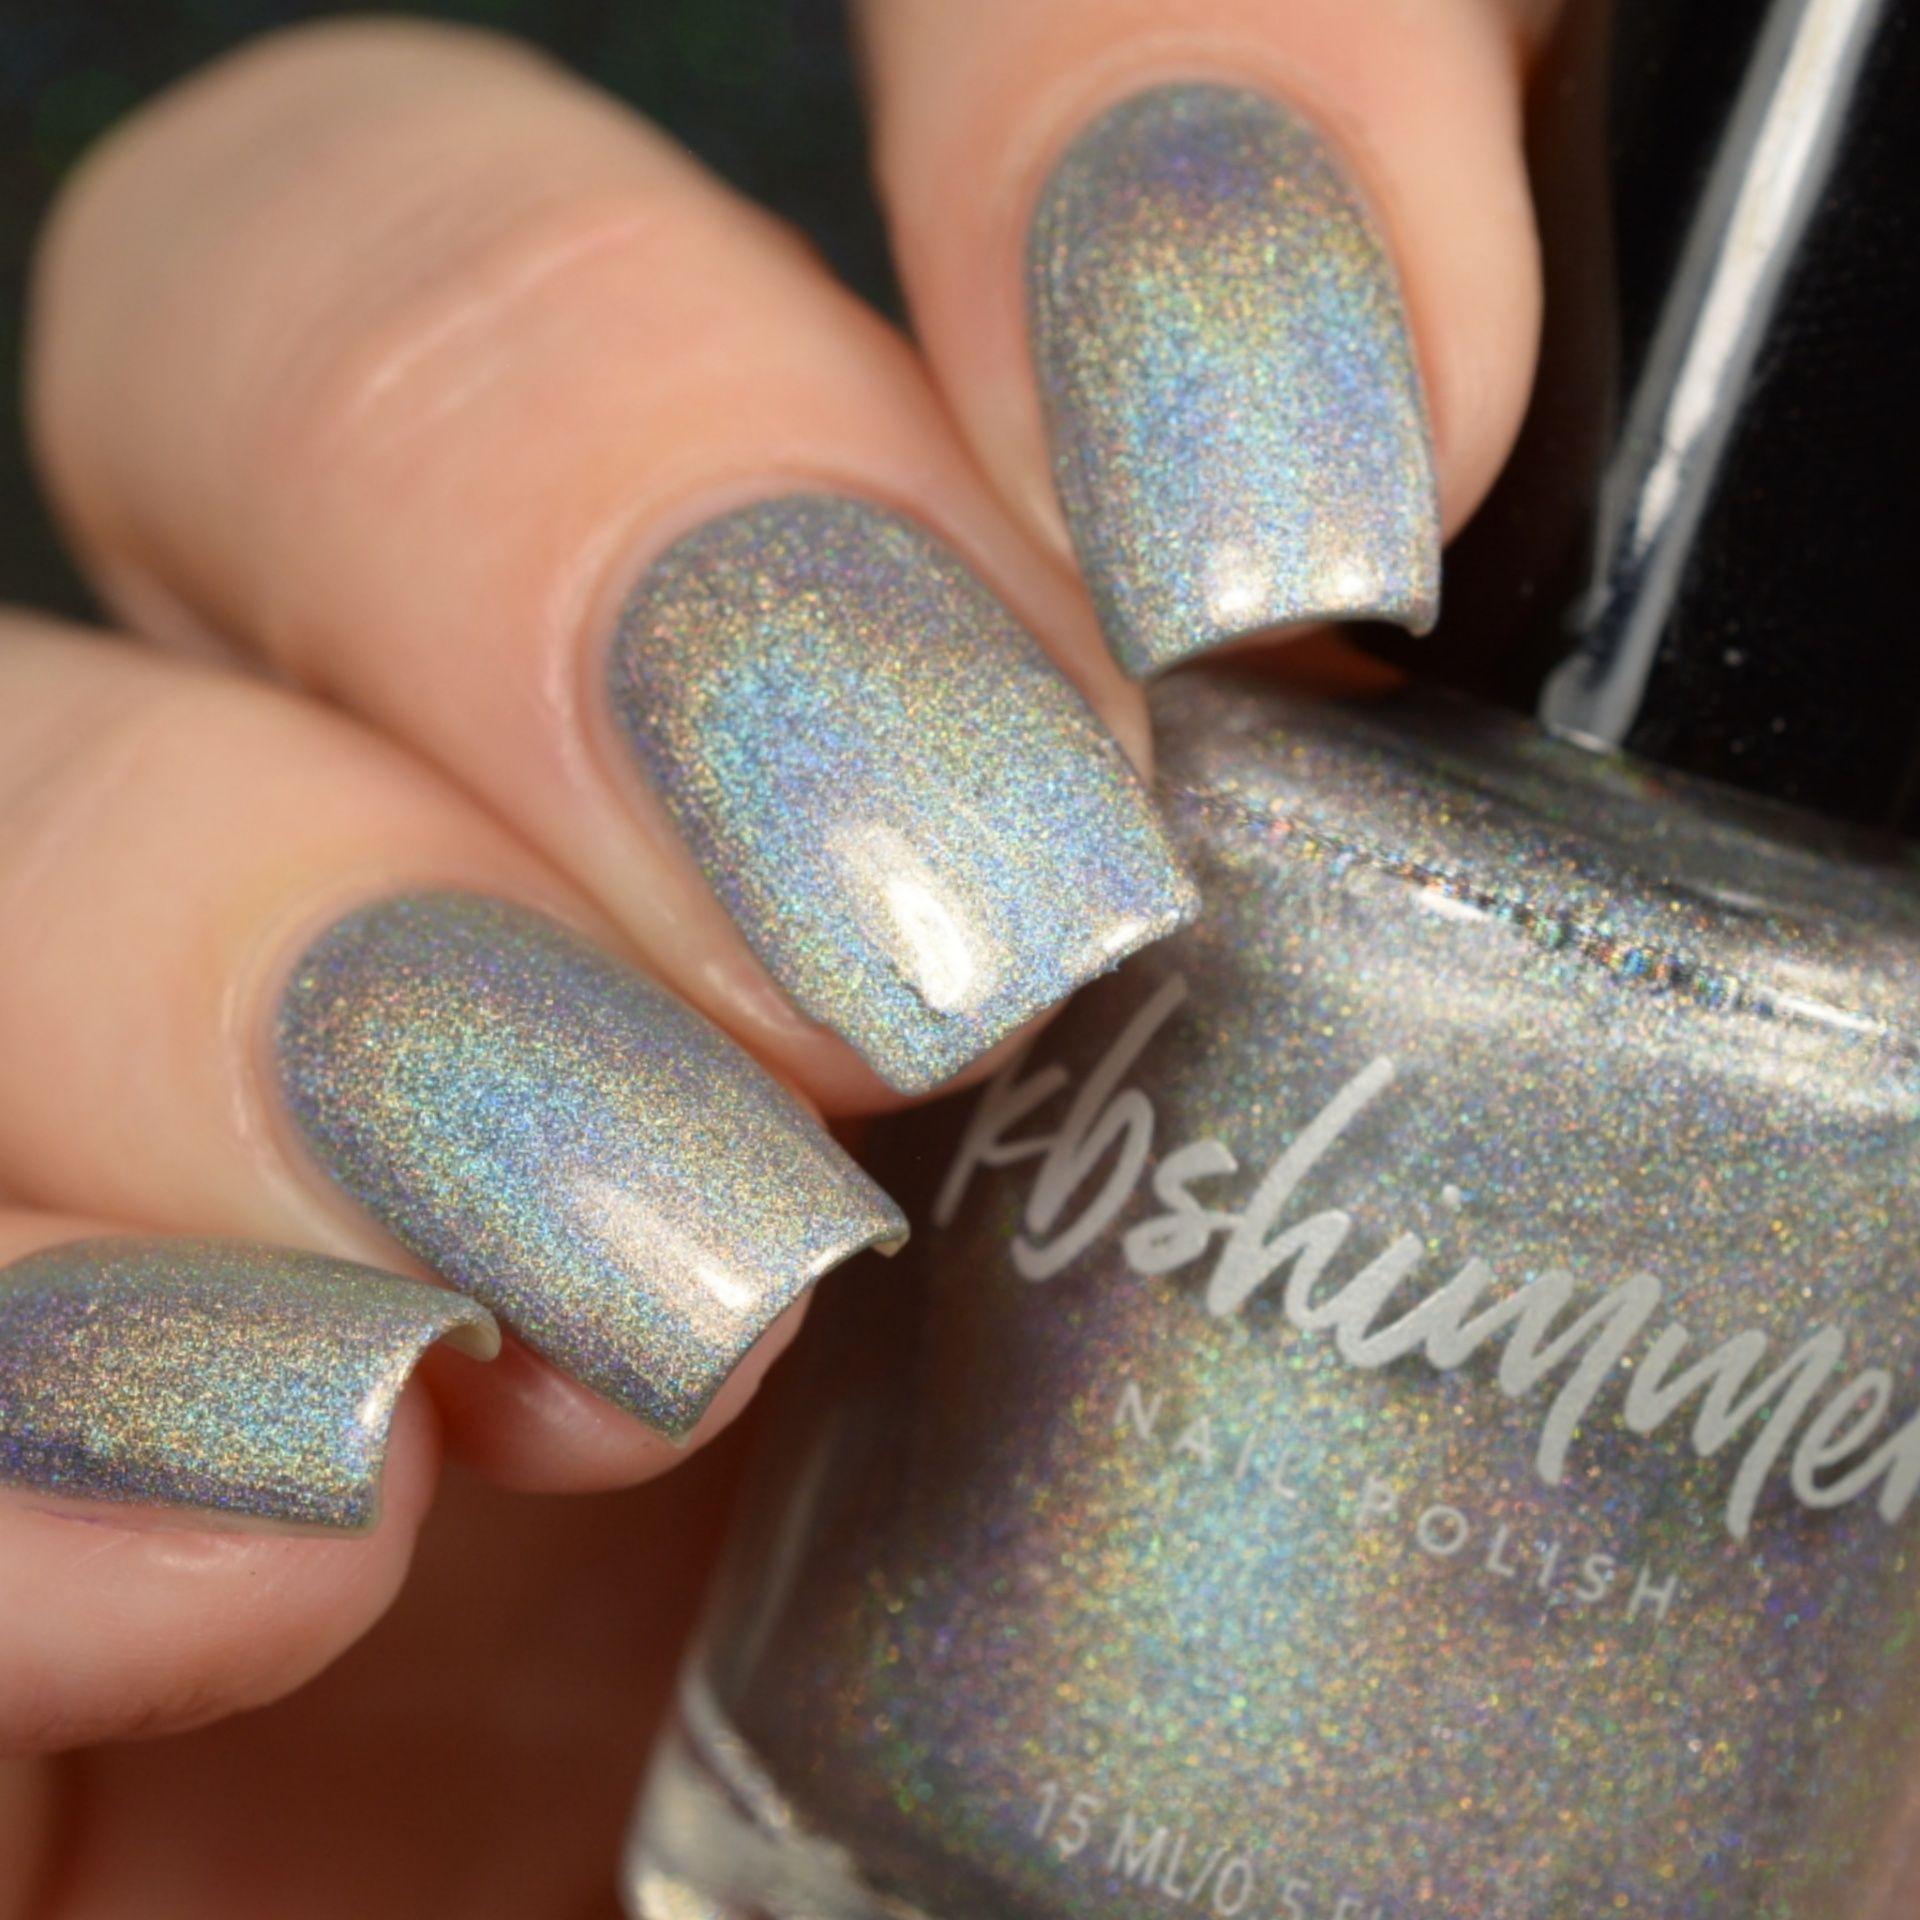 Kbshimmer Pt Young Thing Nail Polish Silver Nails Holographic